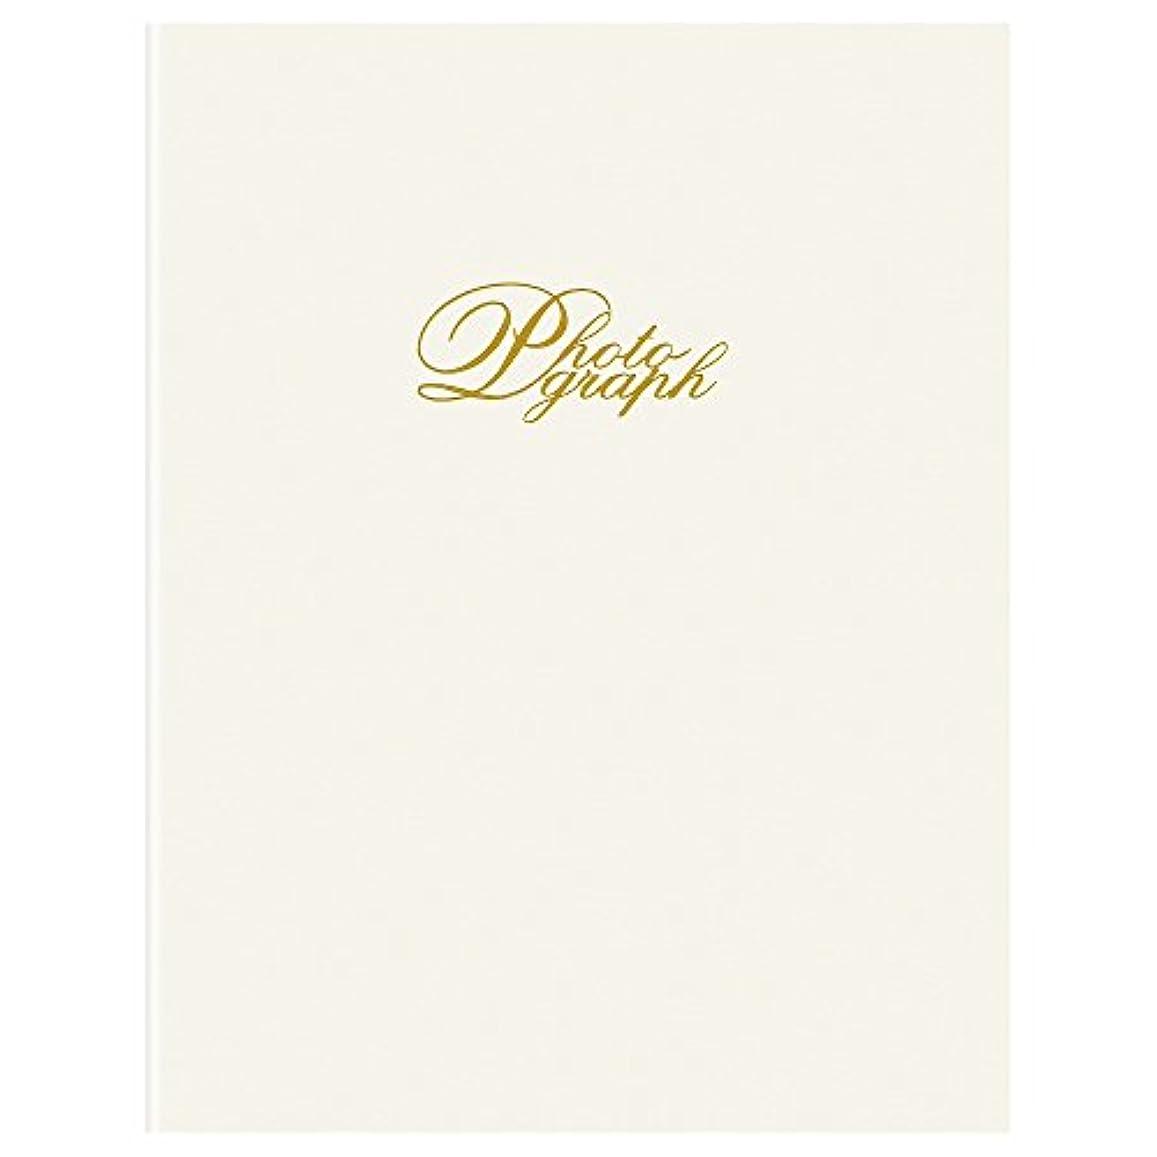 印刷する岸アリーナHAKUBA 写真台紙 インサート台紙 No.300 2L タテ 1面 簡単差込み式 ホワイト M300-WT2LT